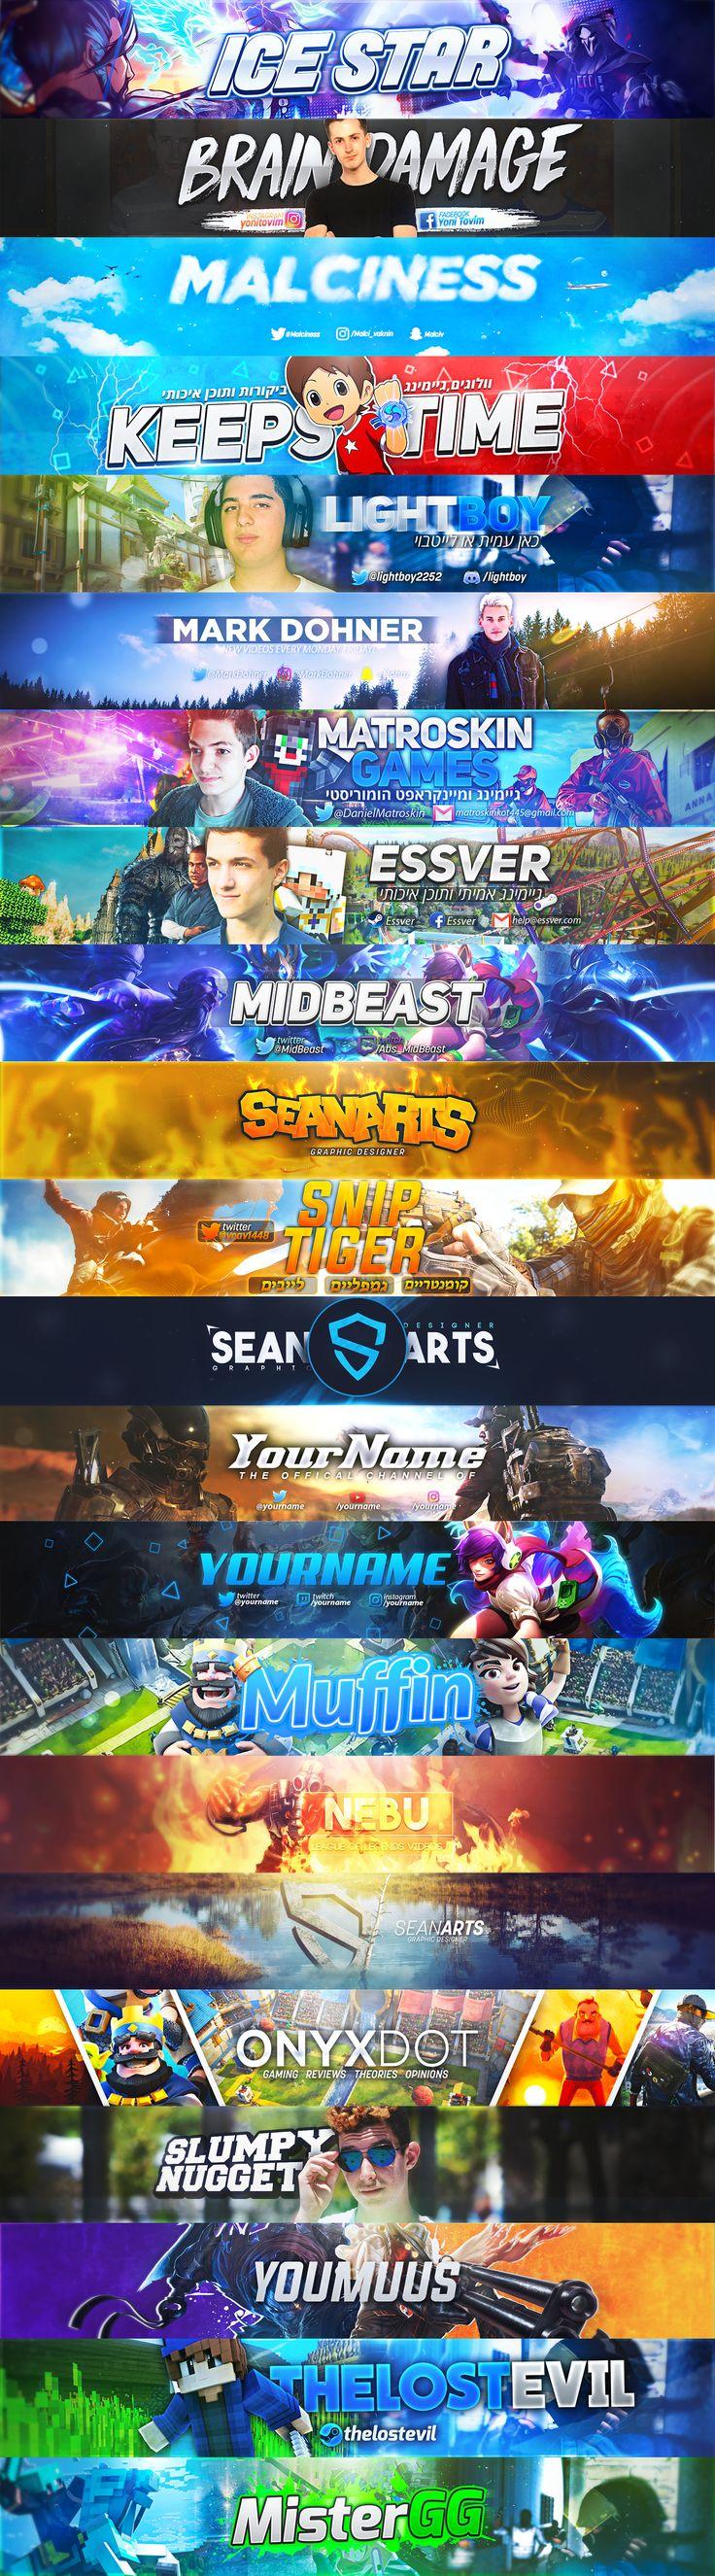 Youtube Banner design on Behance